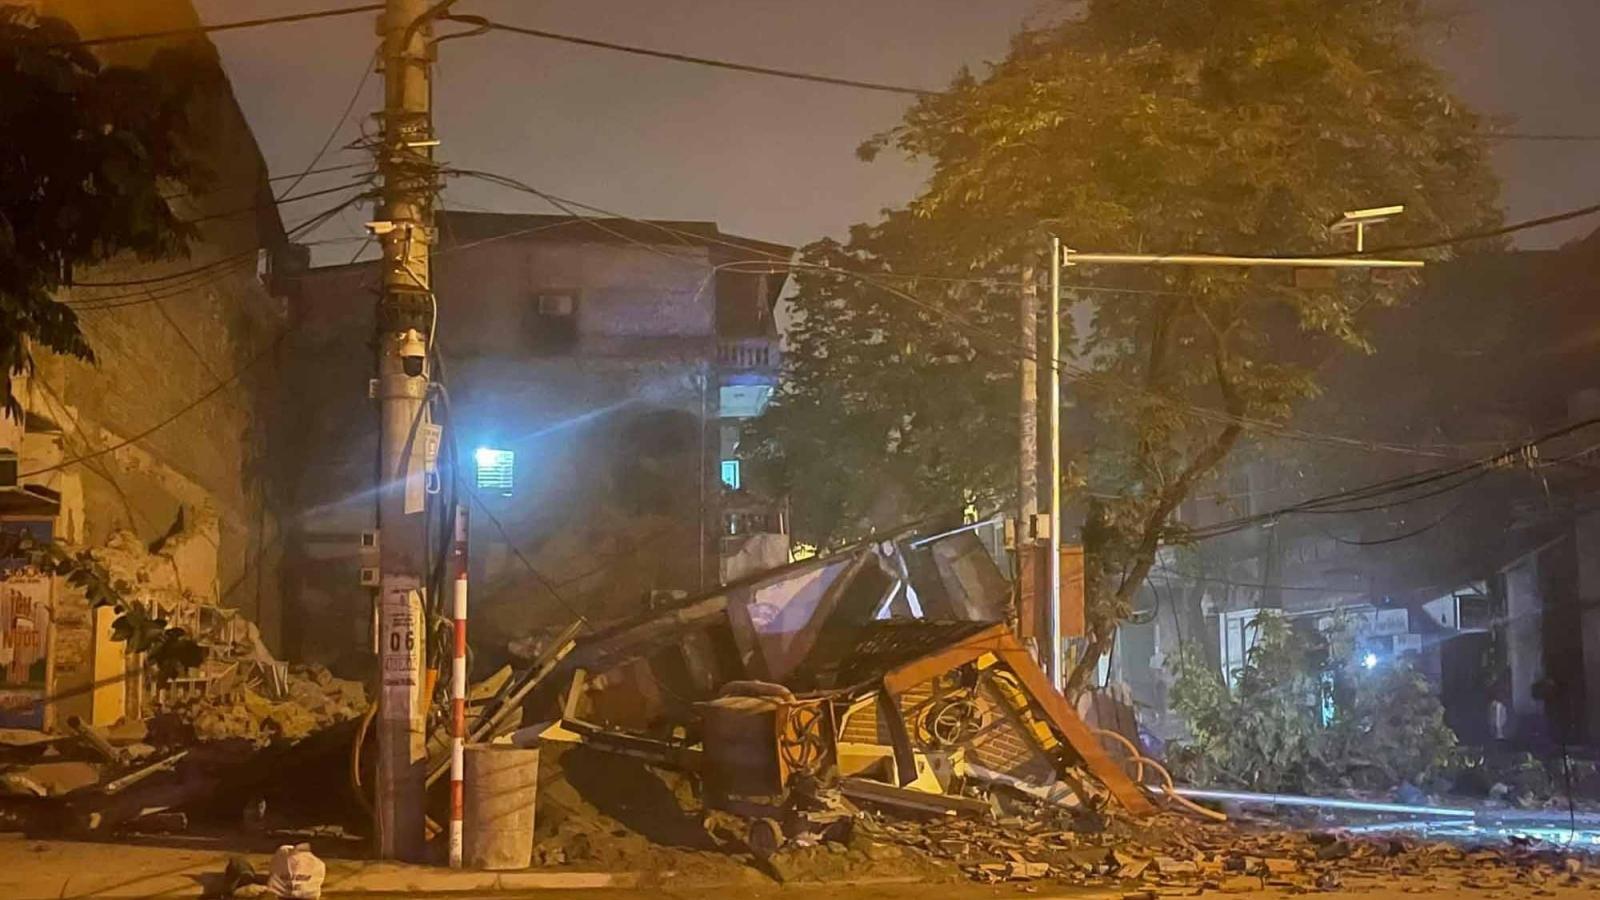 Căn nhà 3 tầng ở Lào Cai bất ngờ sập đổ trong đêm